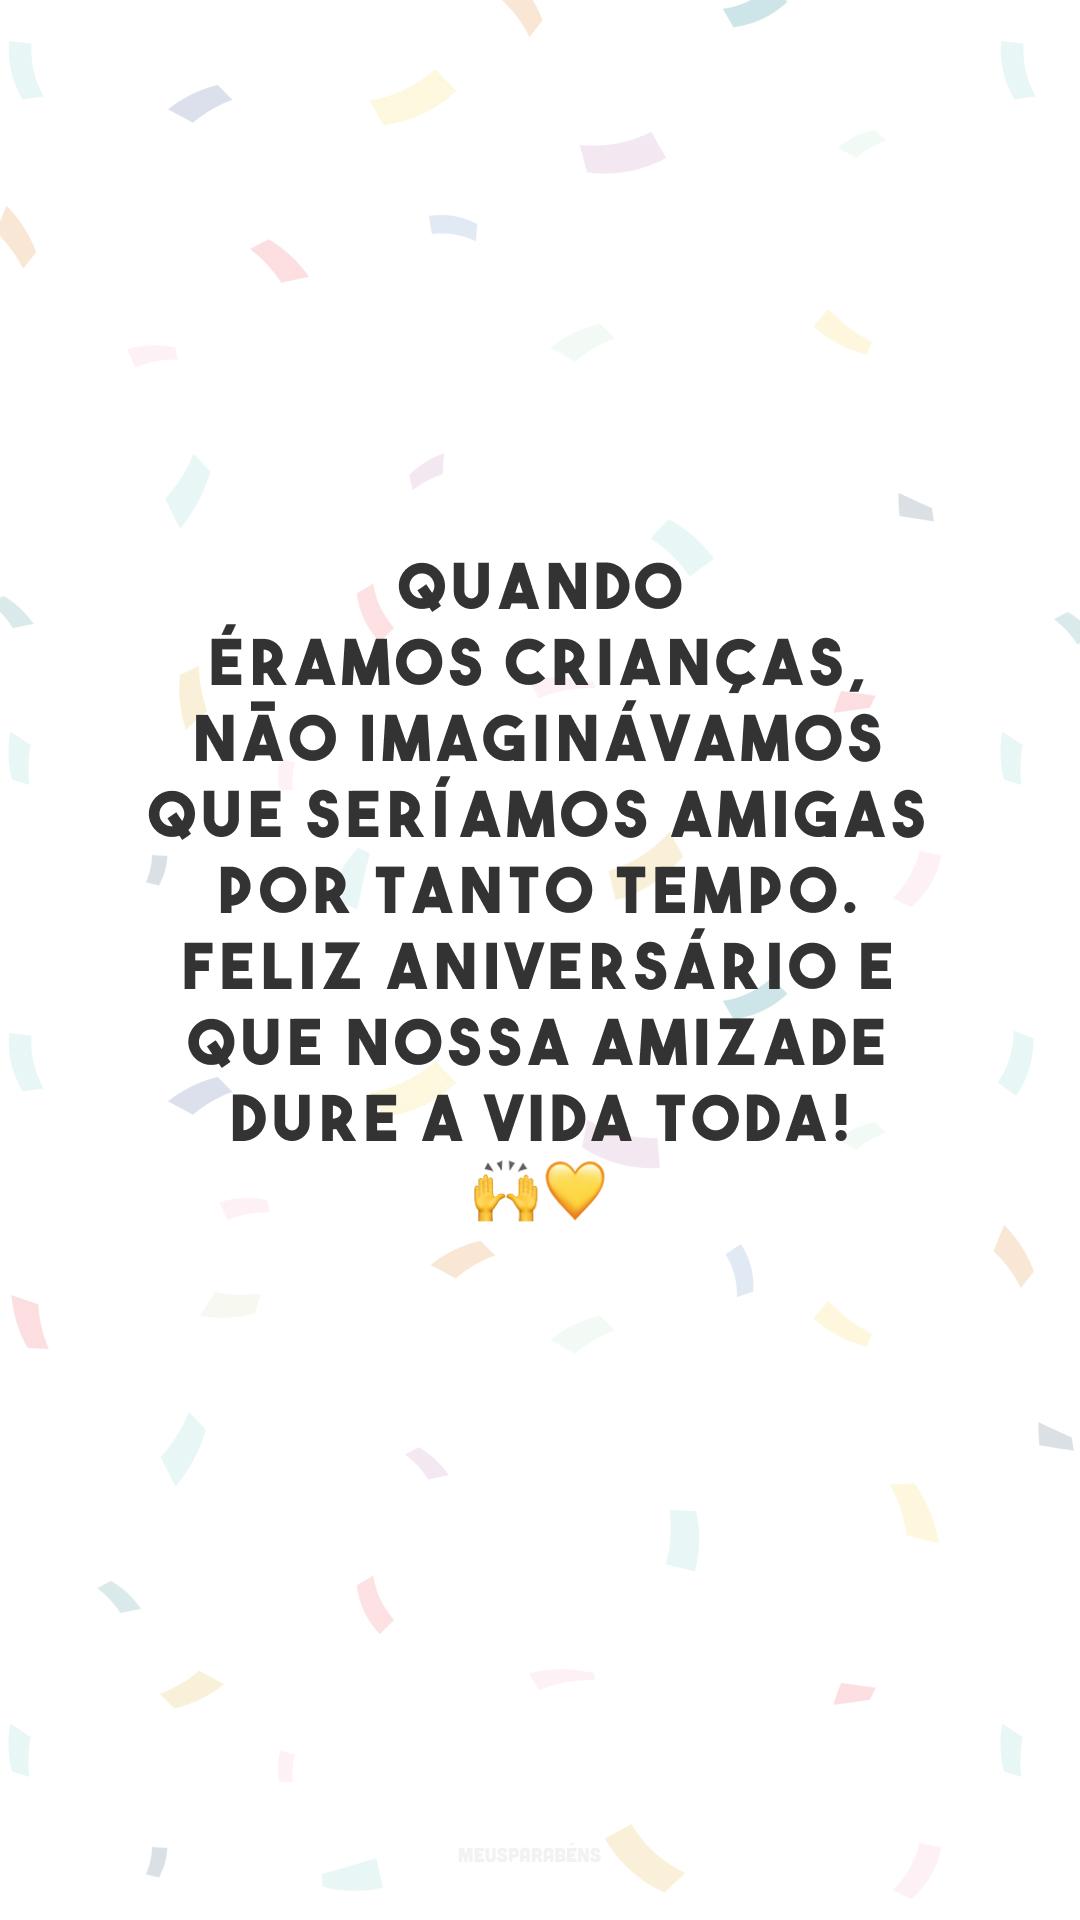 Quando éramos crianças, não imaginávamos que seríamos amigas por tanto tempo. Feliz aniversário e que nossa amizade dure a vida toda! 🙌💛